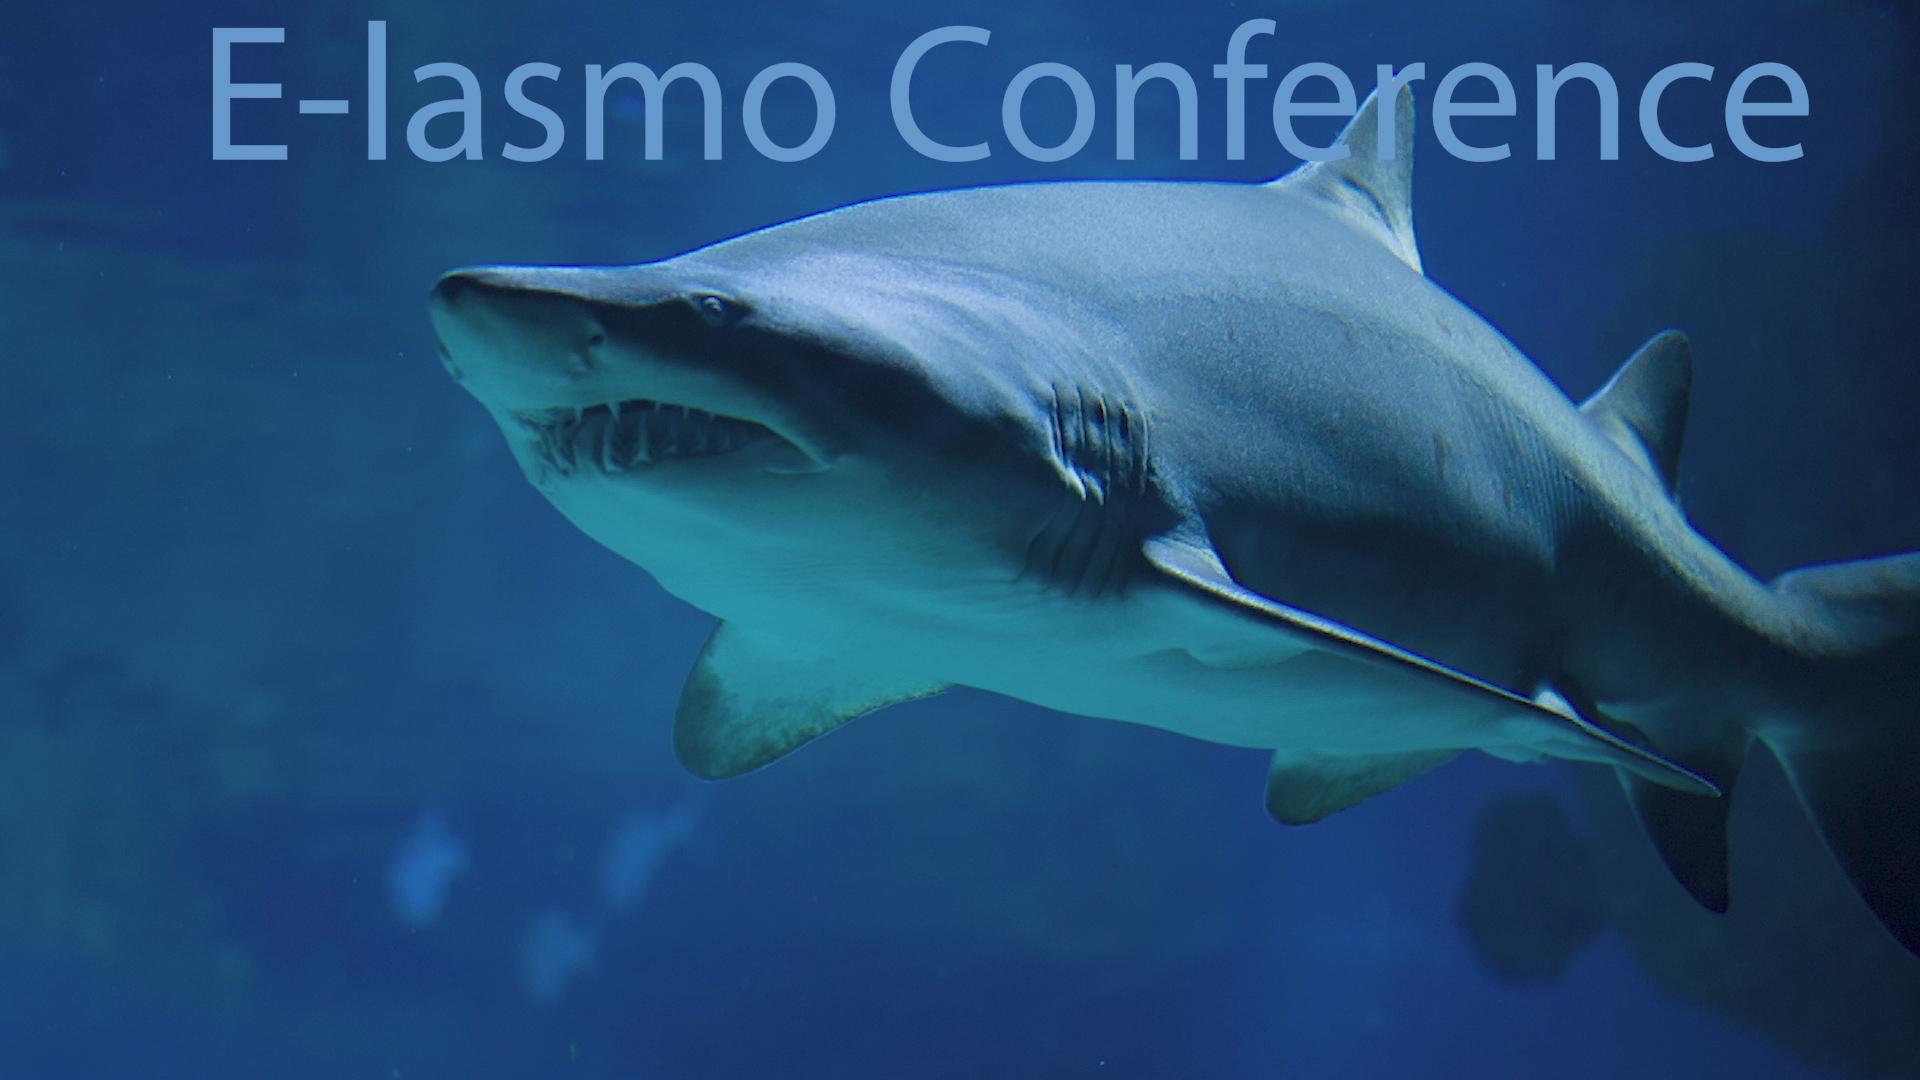 E-lasmo Conference